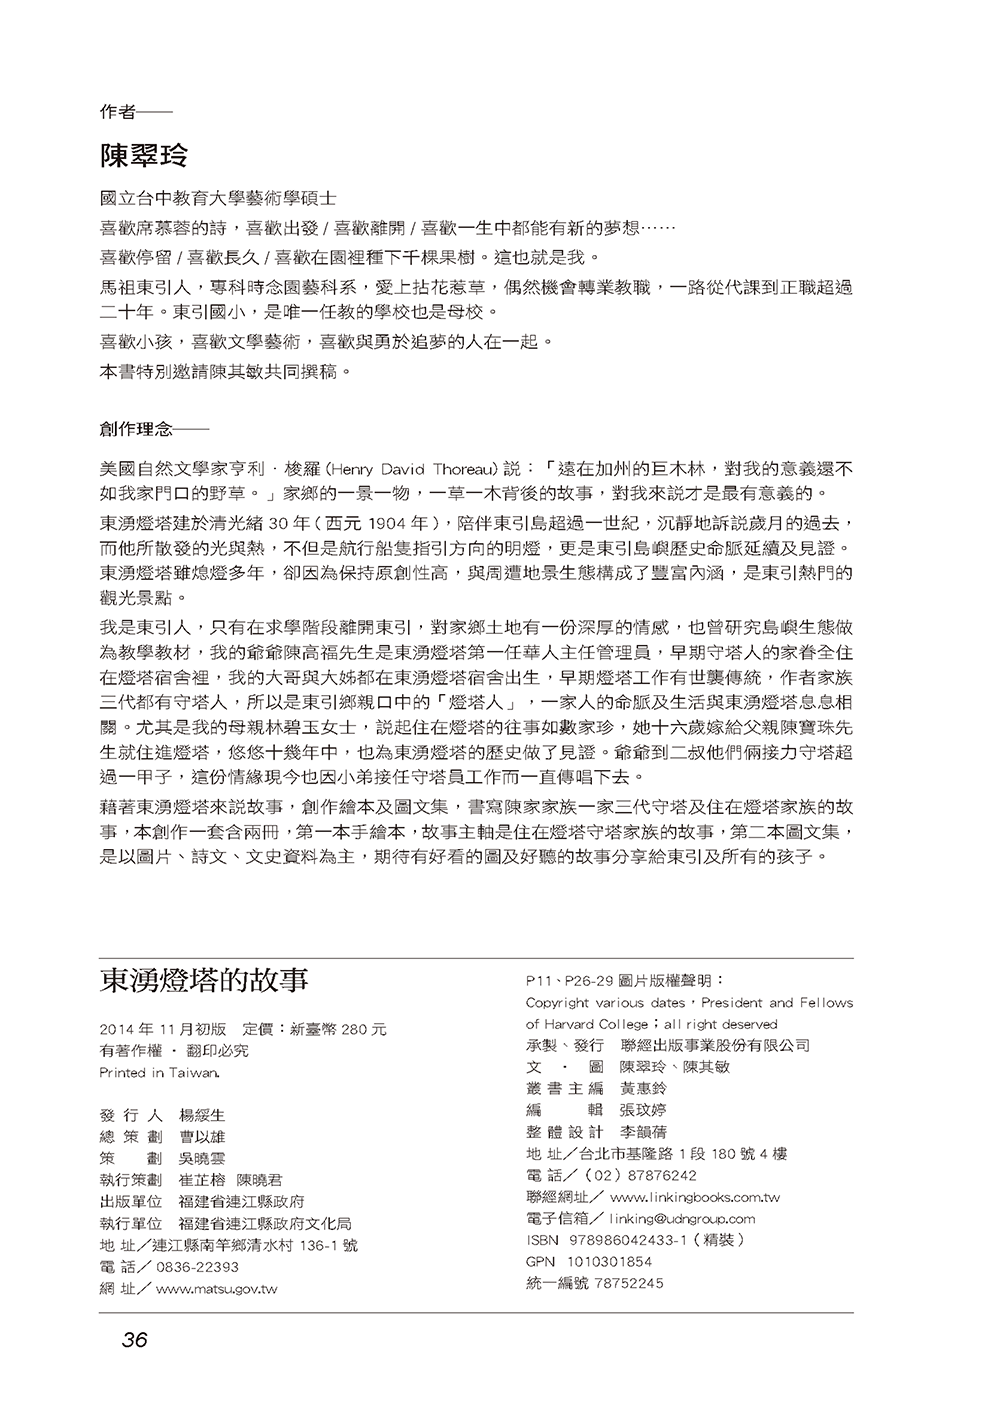 頁36-37